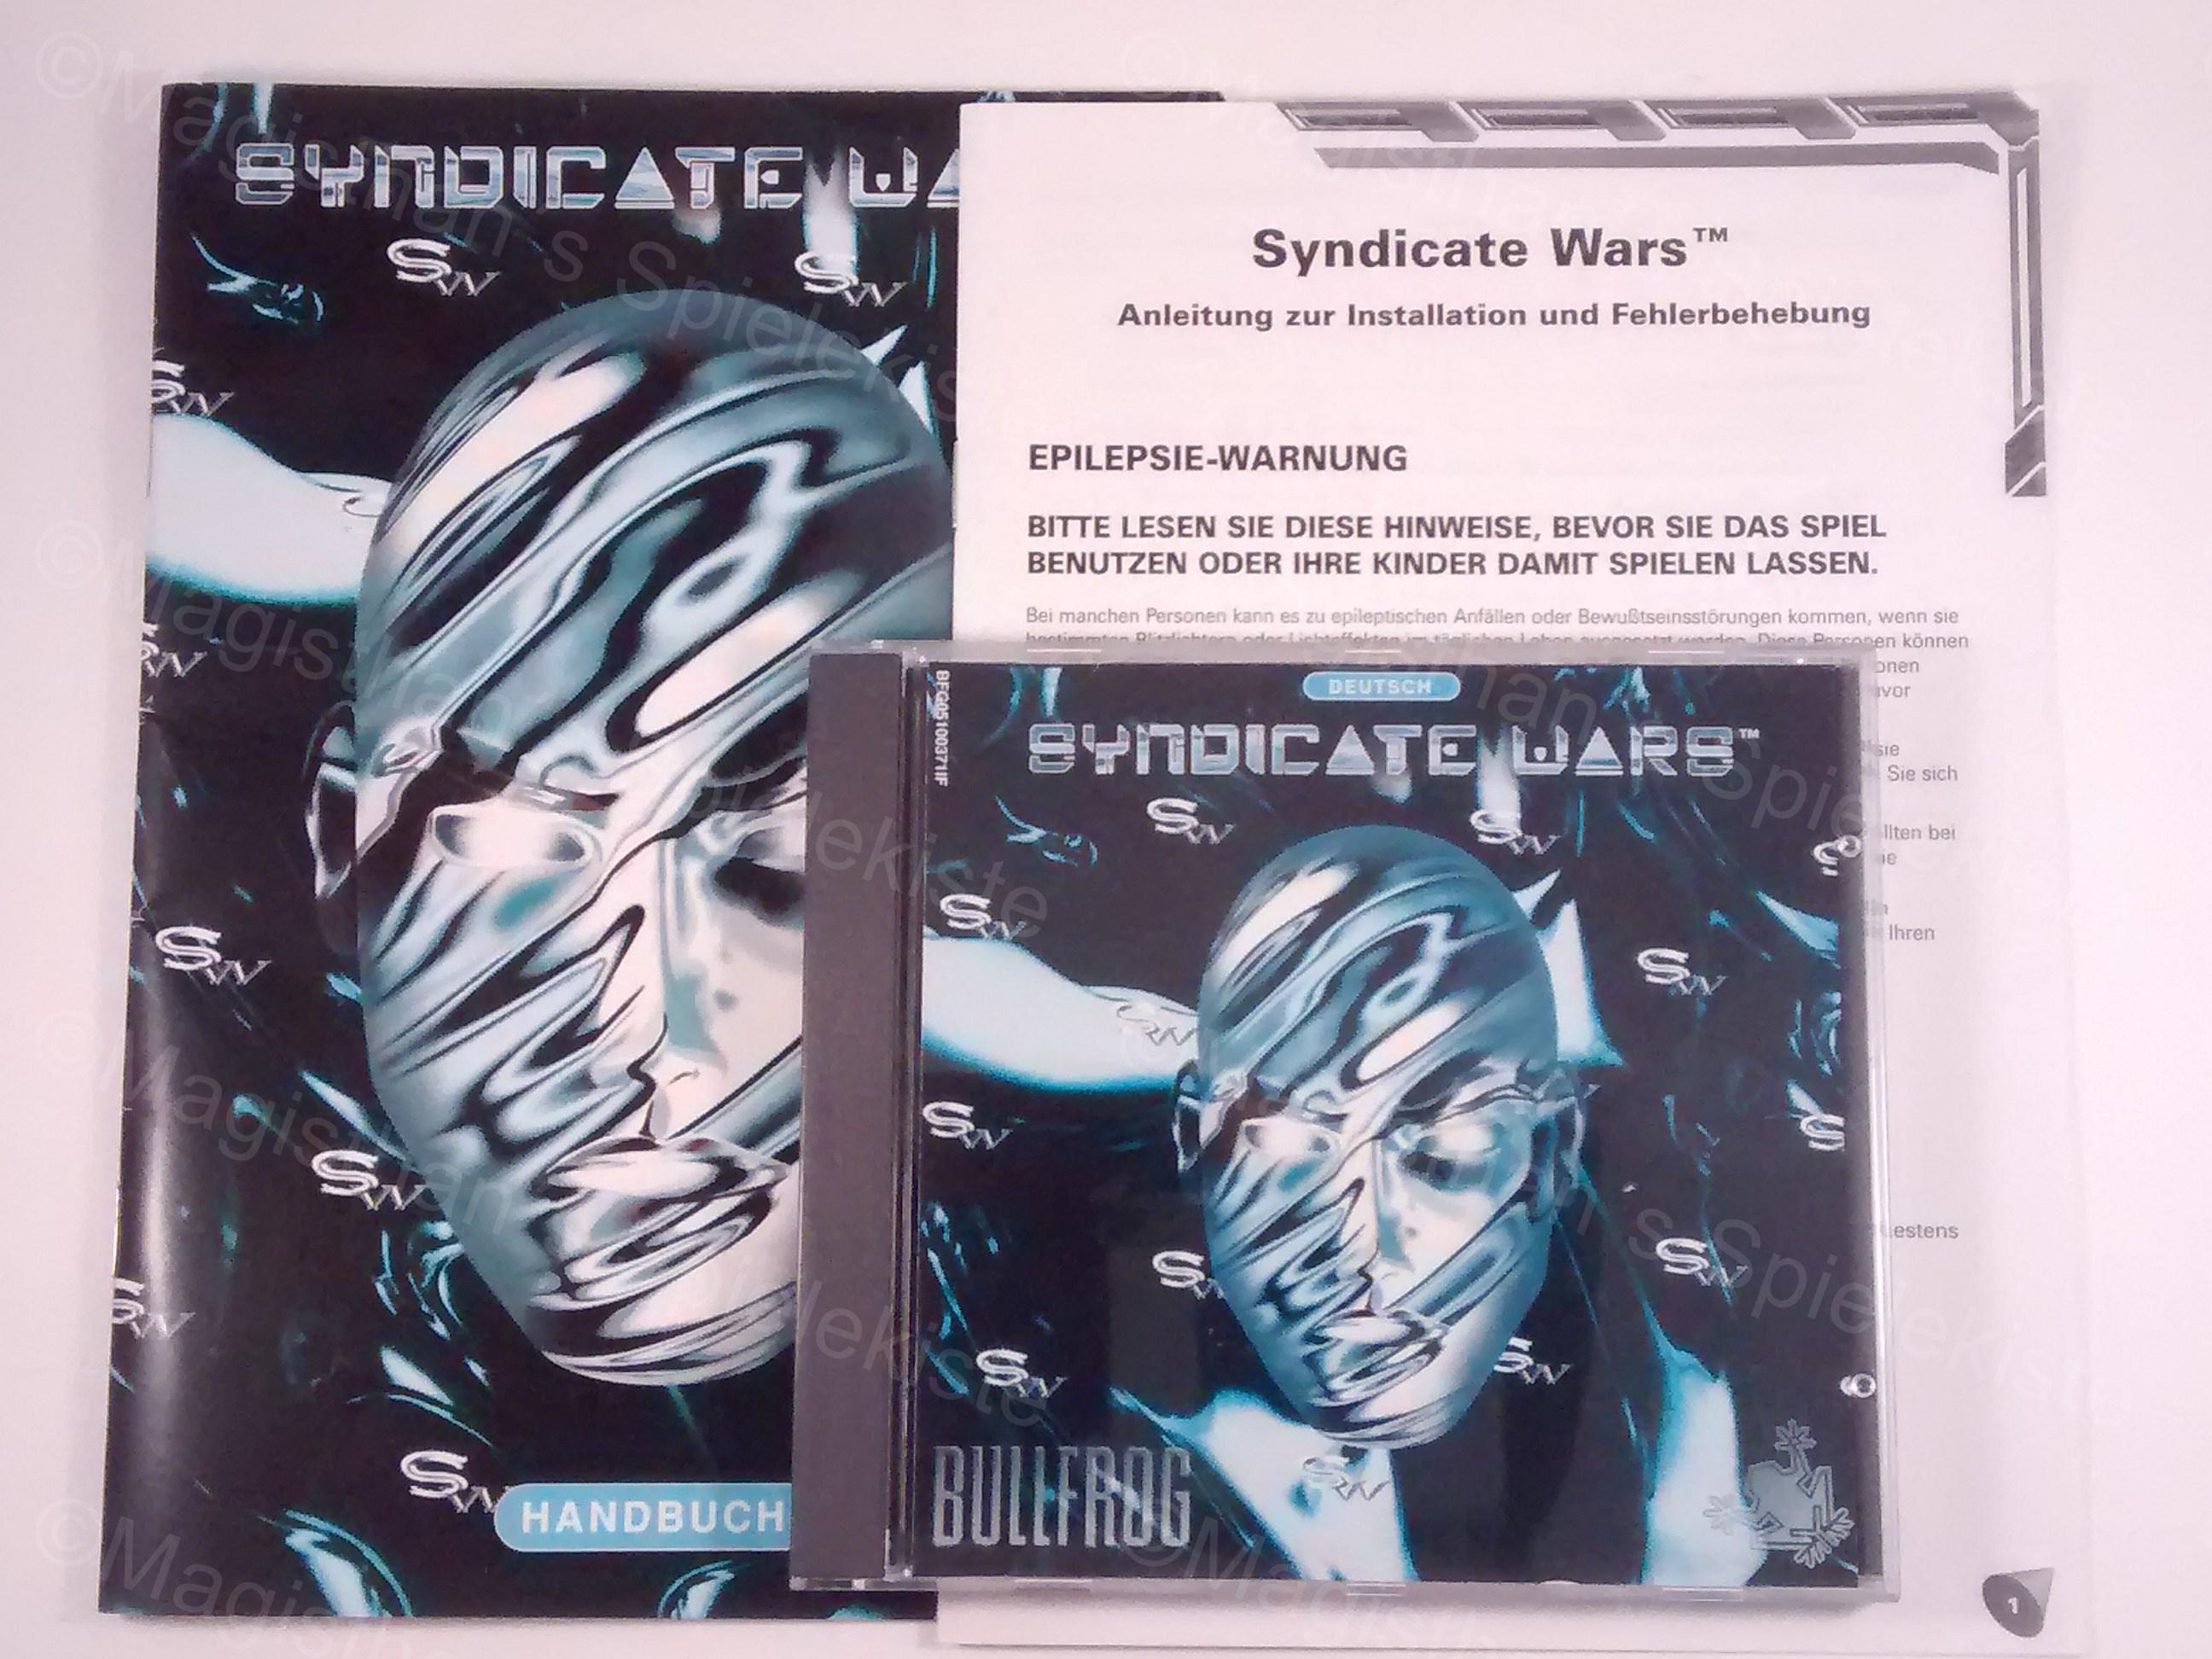 SyndicateWars2.jpg